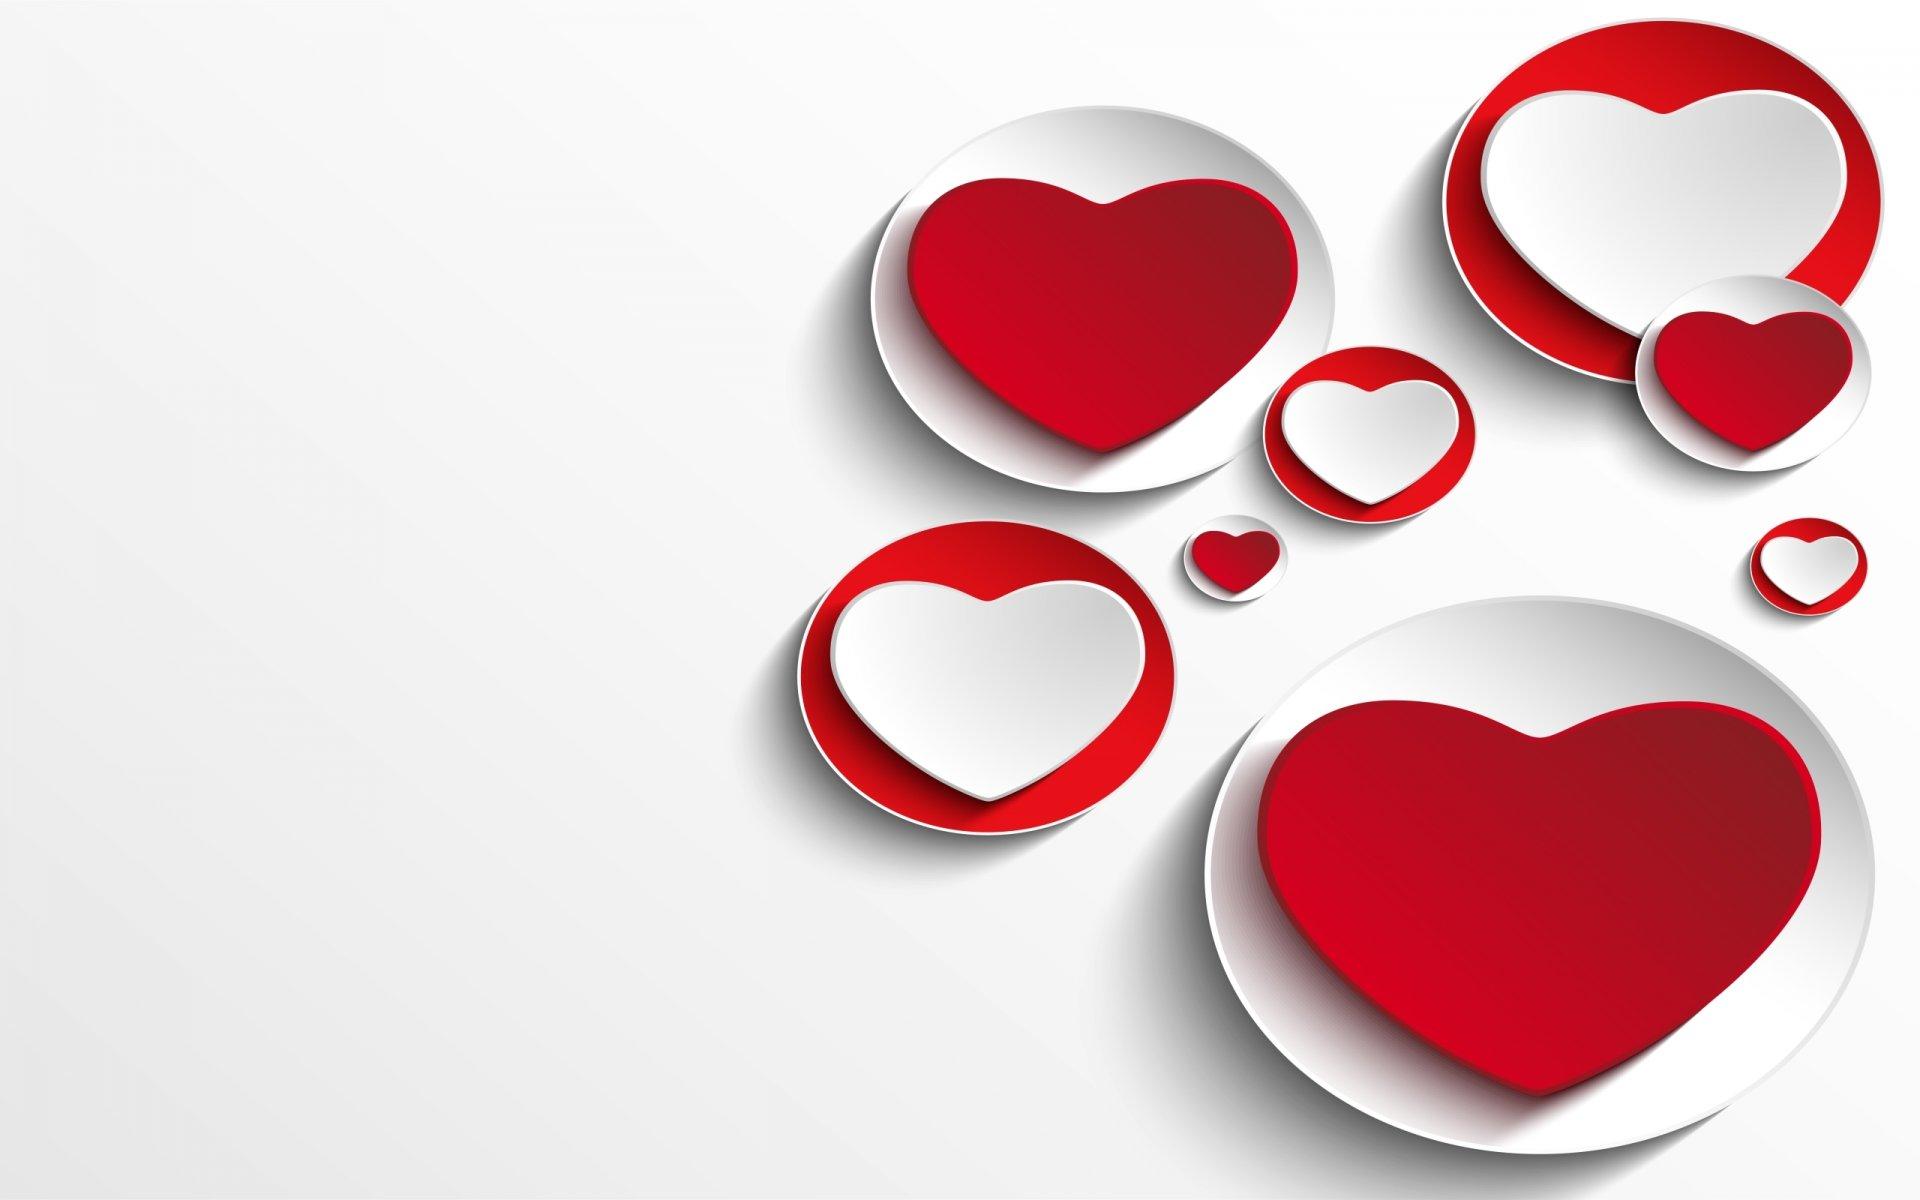 Сердце рисунок валентинов день бесплатно